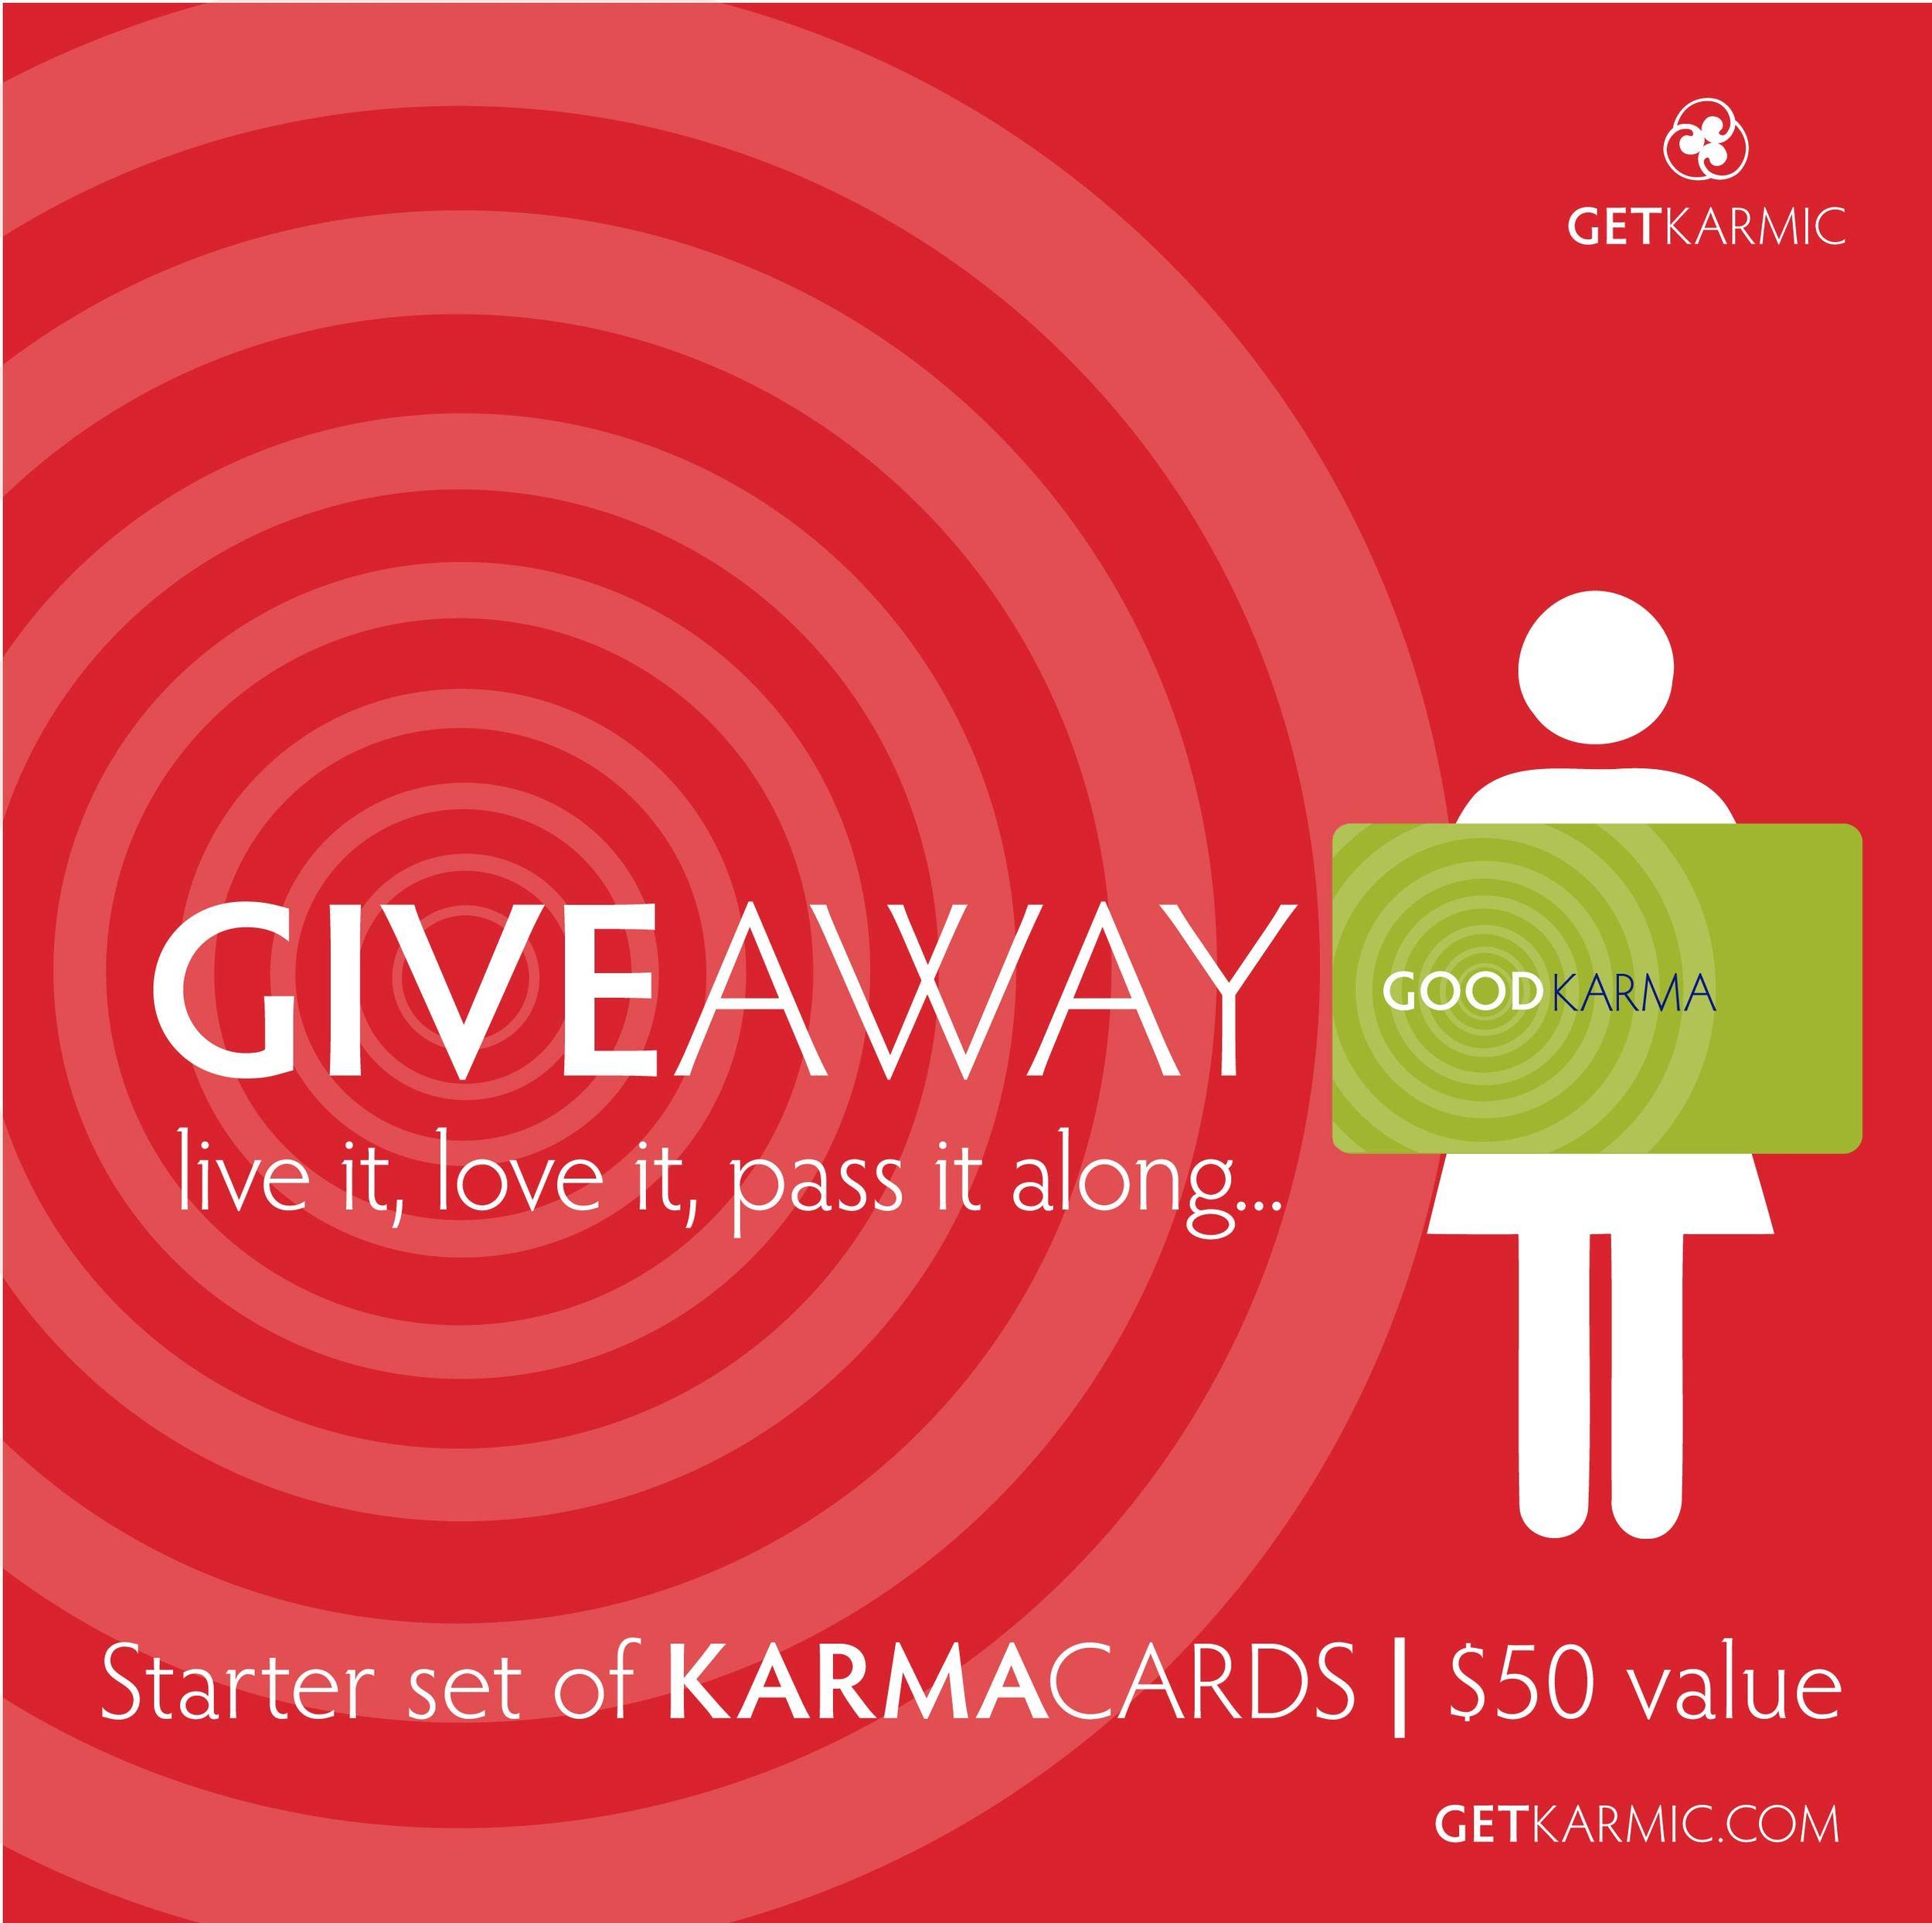 KC_giveaway_PBL_B